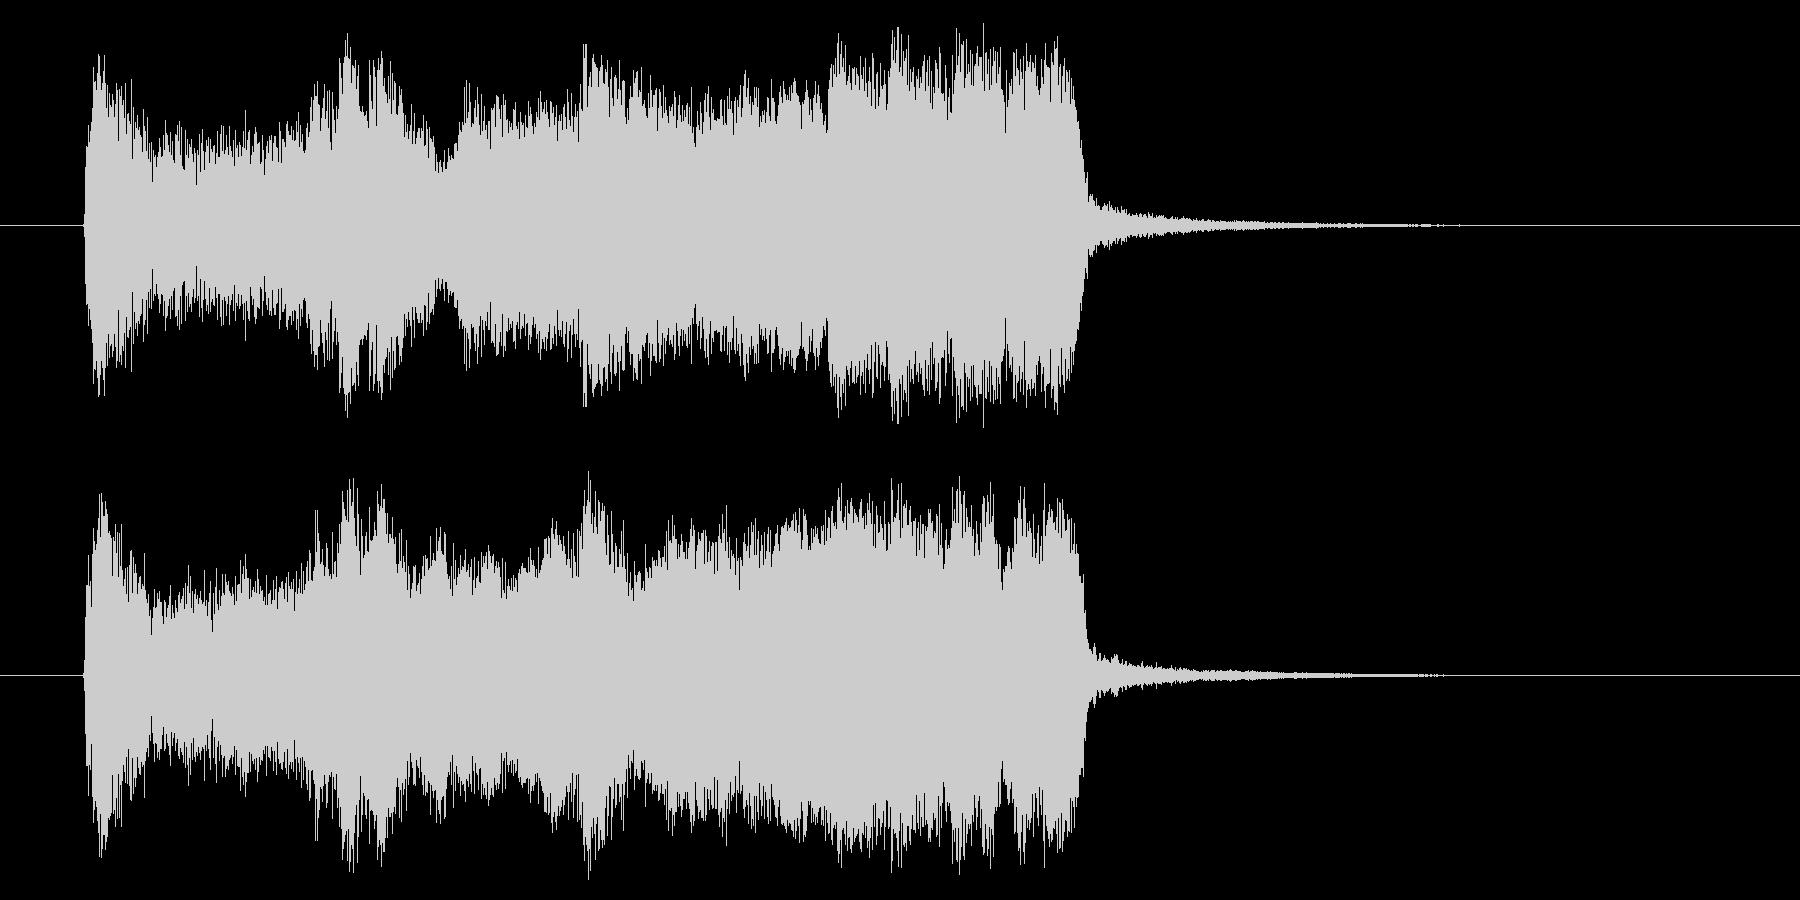 勢いと楽しげなギターサウンド(短め)の未再生の波形